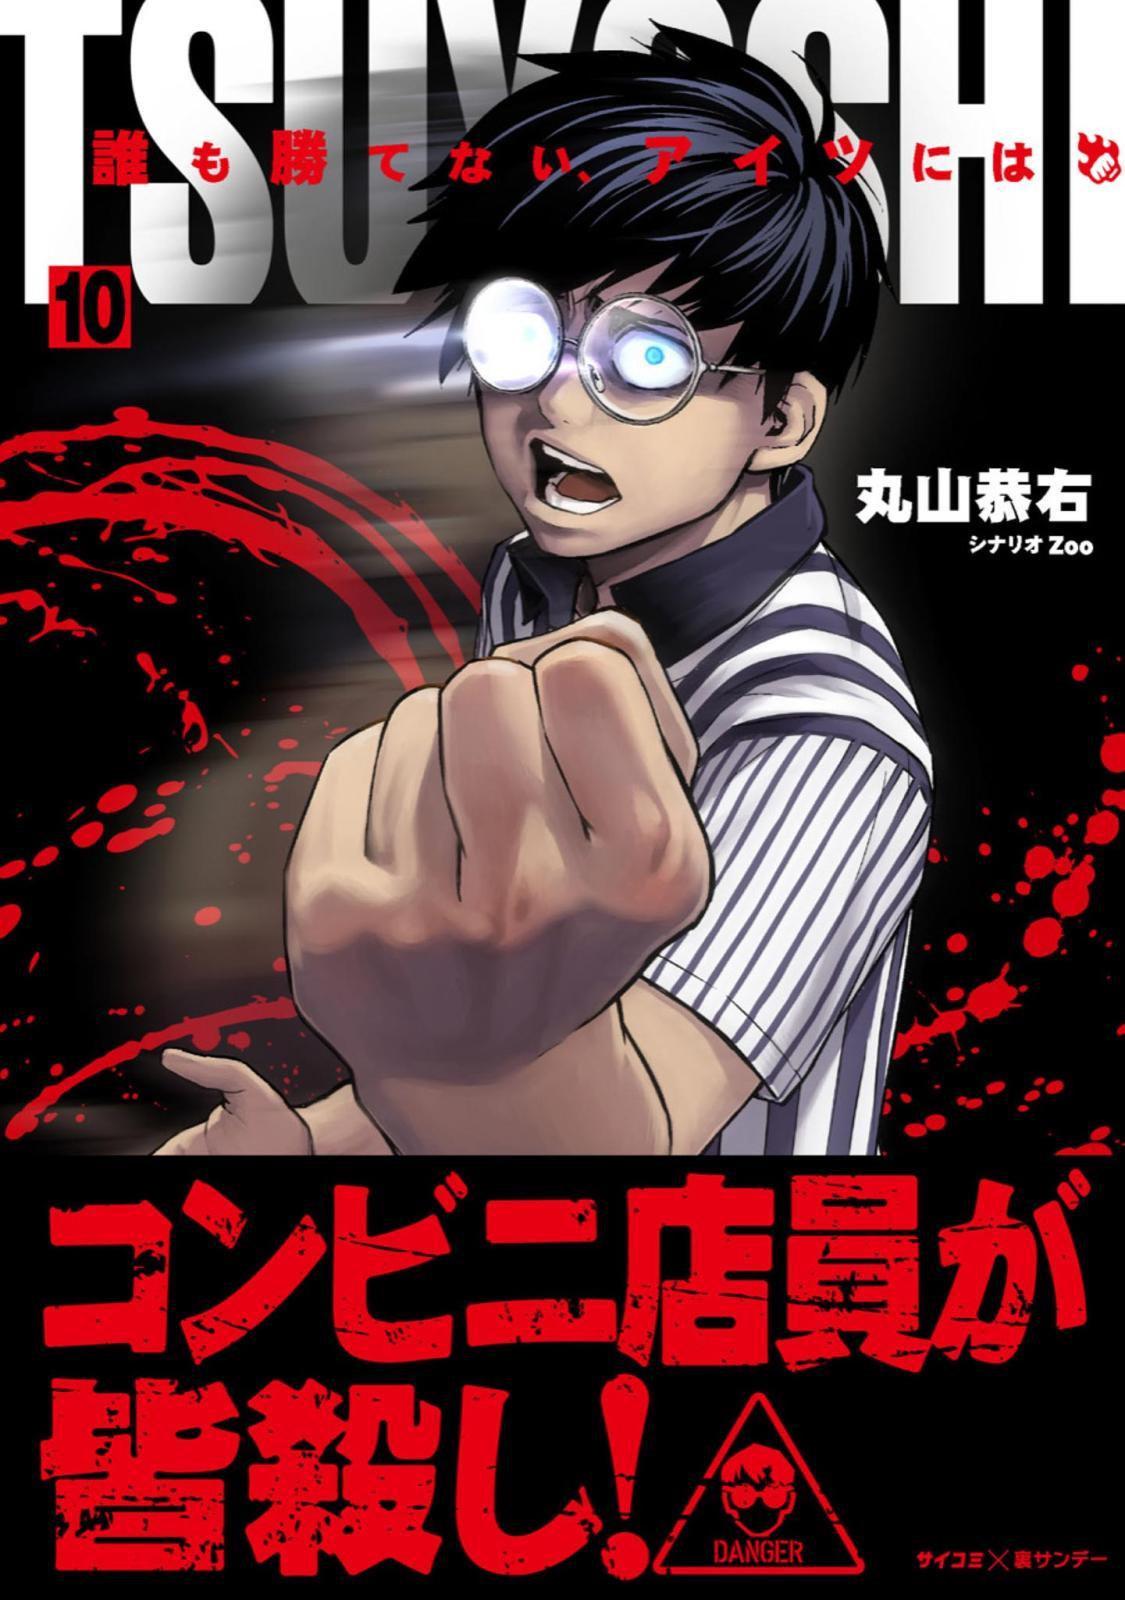 TSUYOSHI 誰も勝てない、アイツには 10